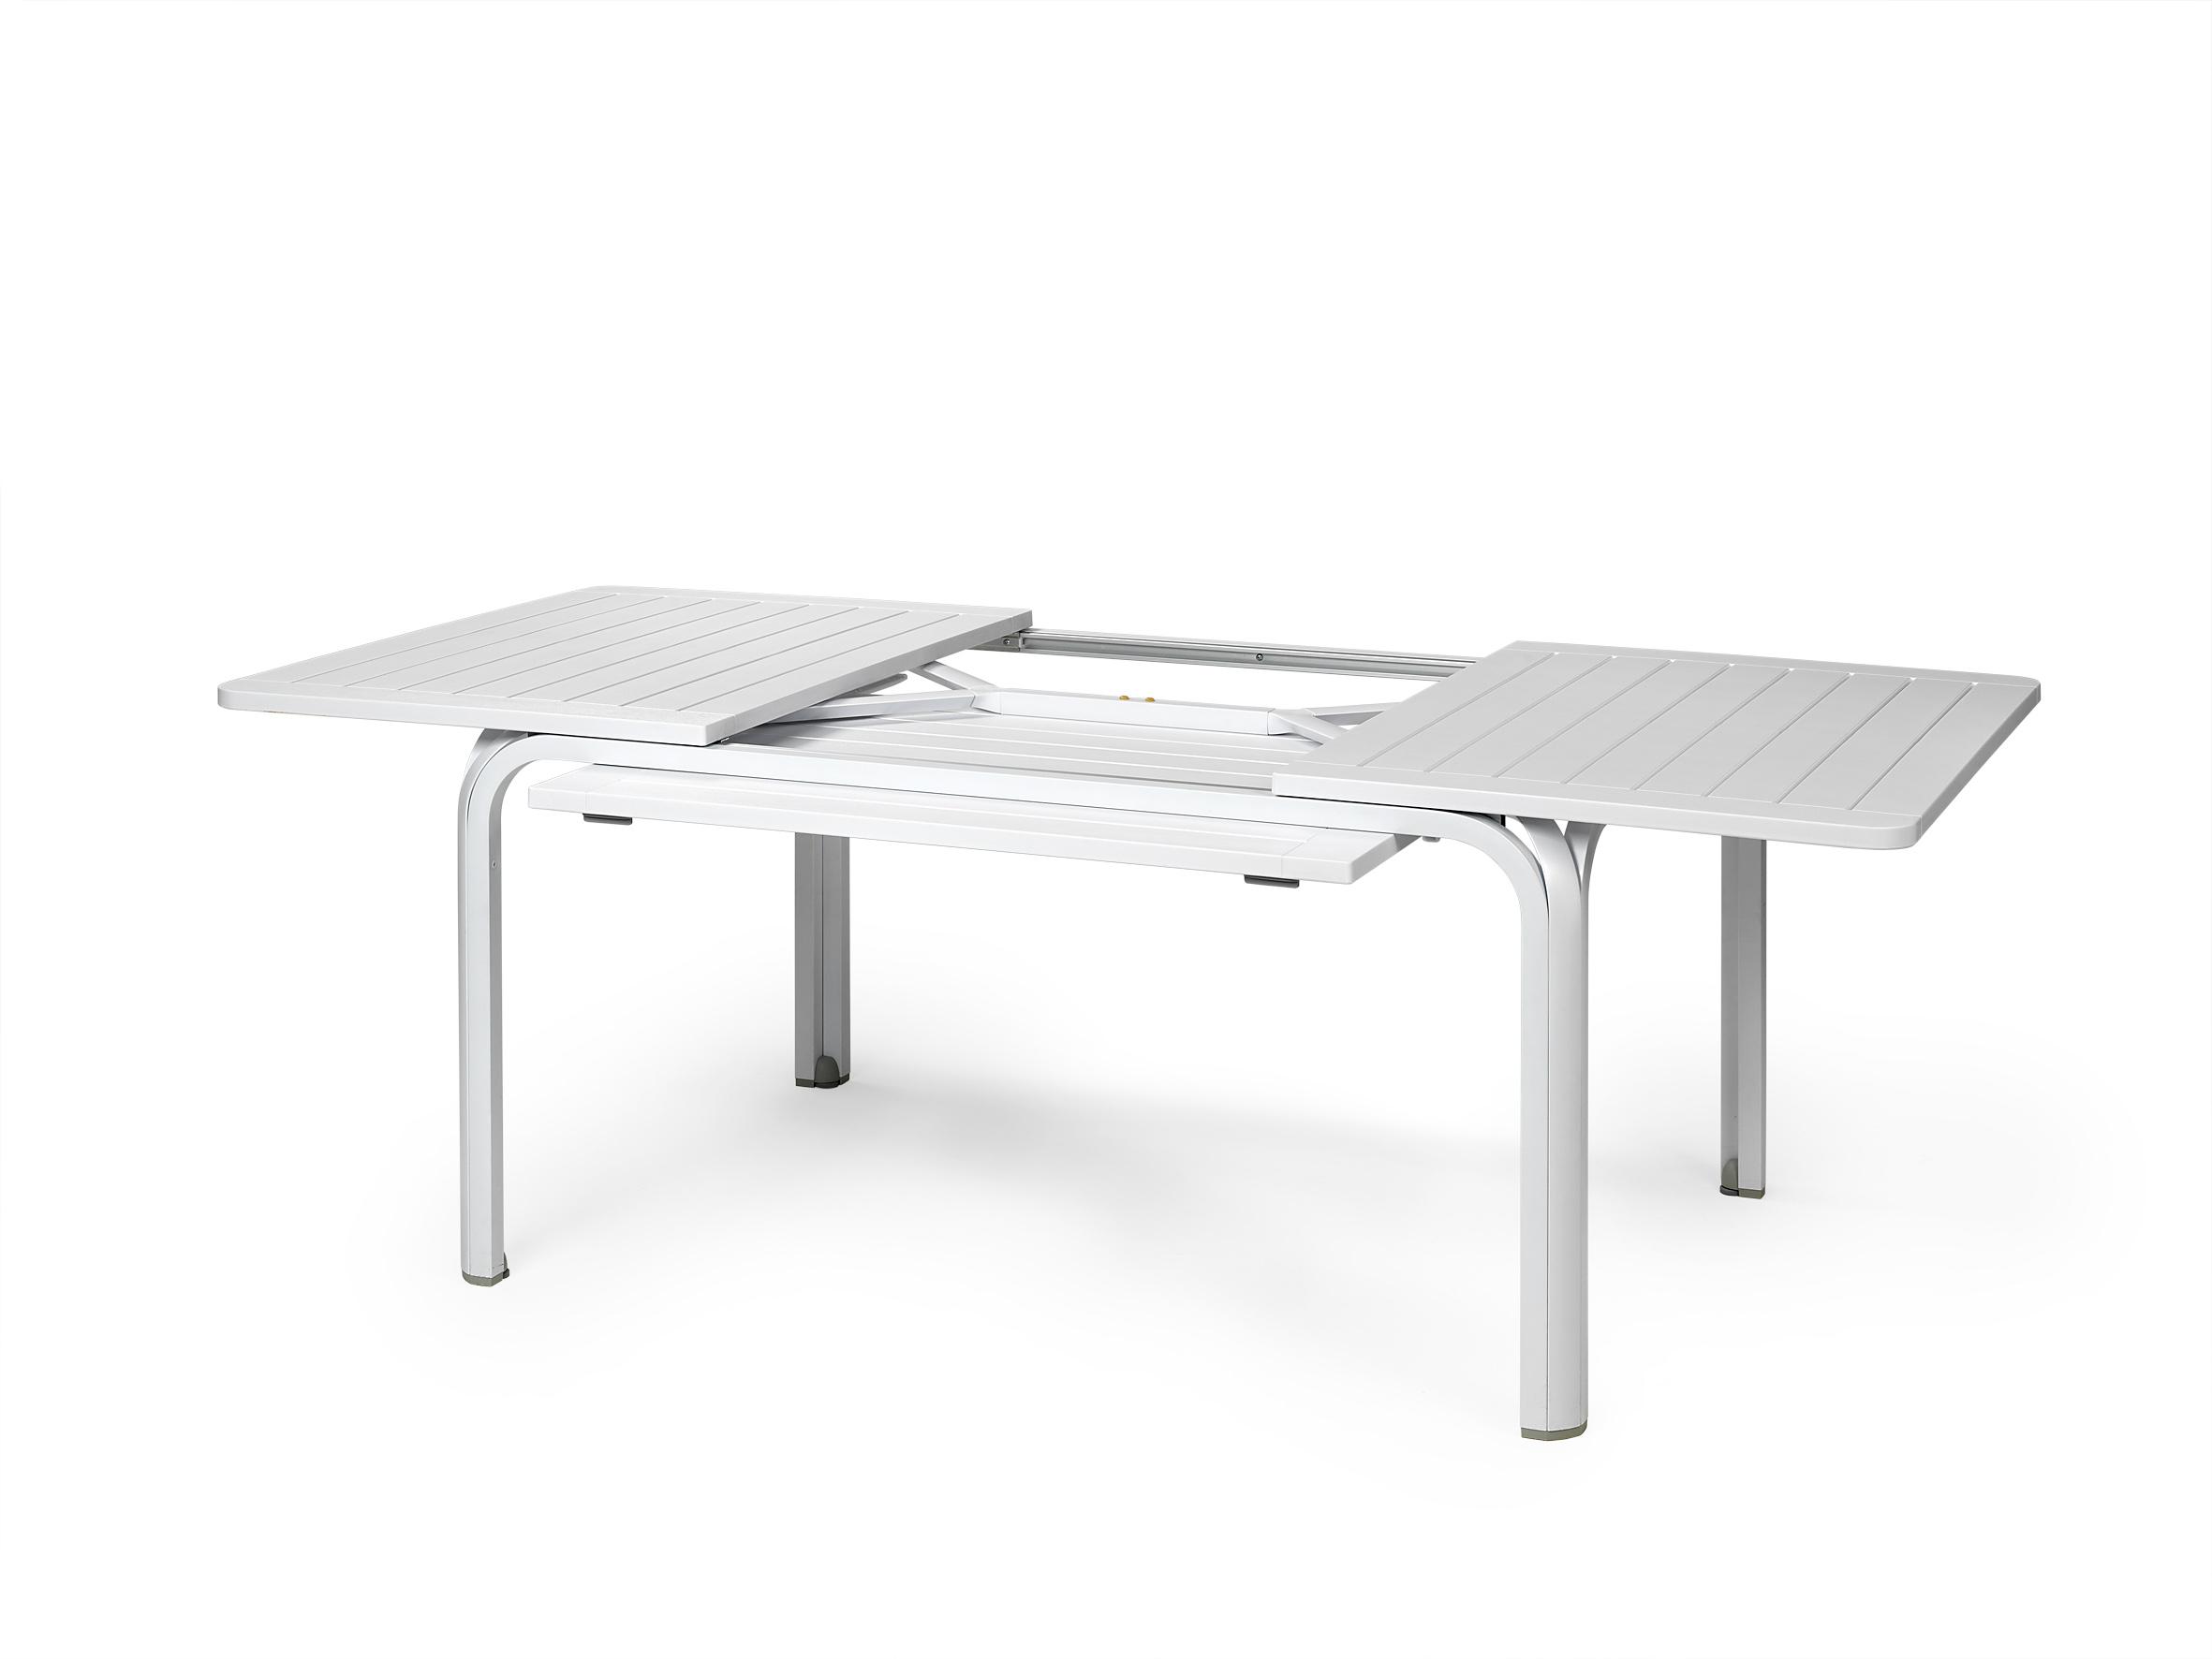 Stół rozkładany Alloro Nardi 140 BIAŁY Bianco